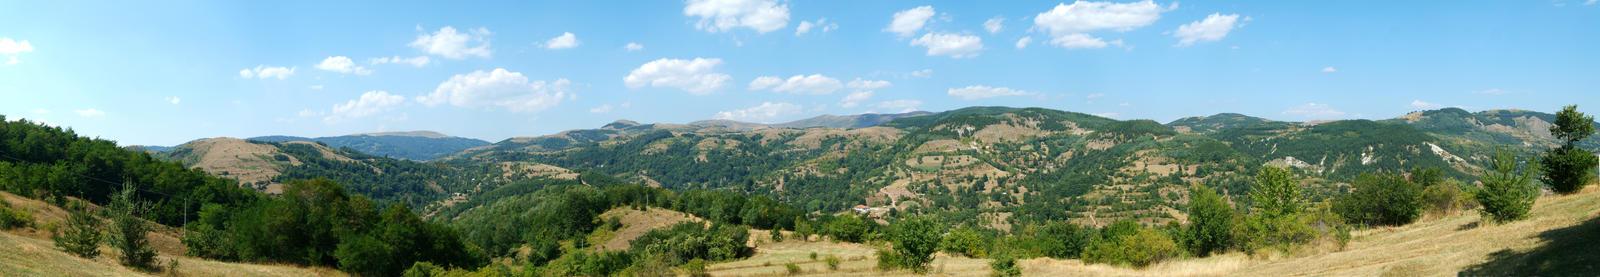 SW in Macedonia: Summertime v2